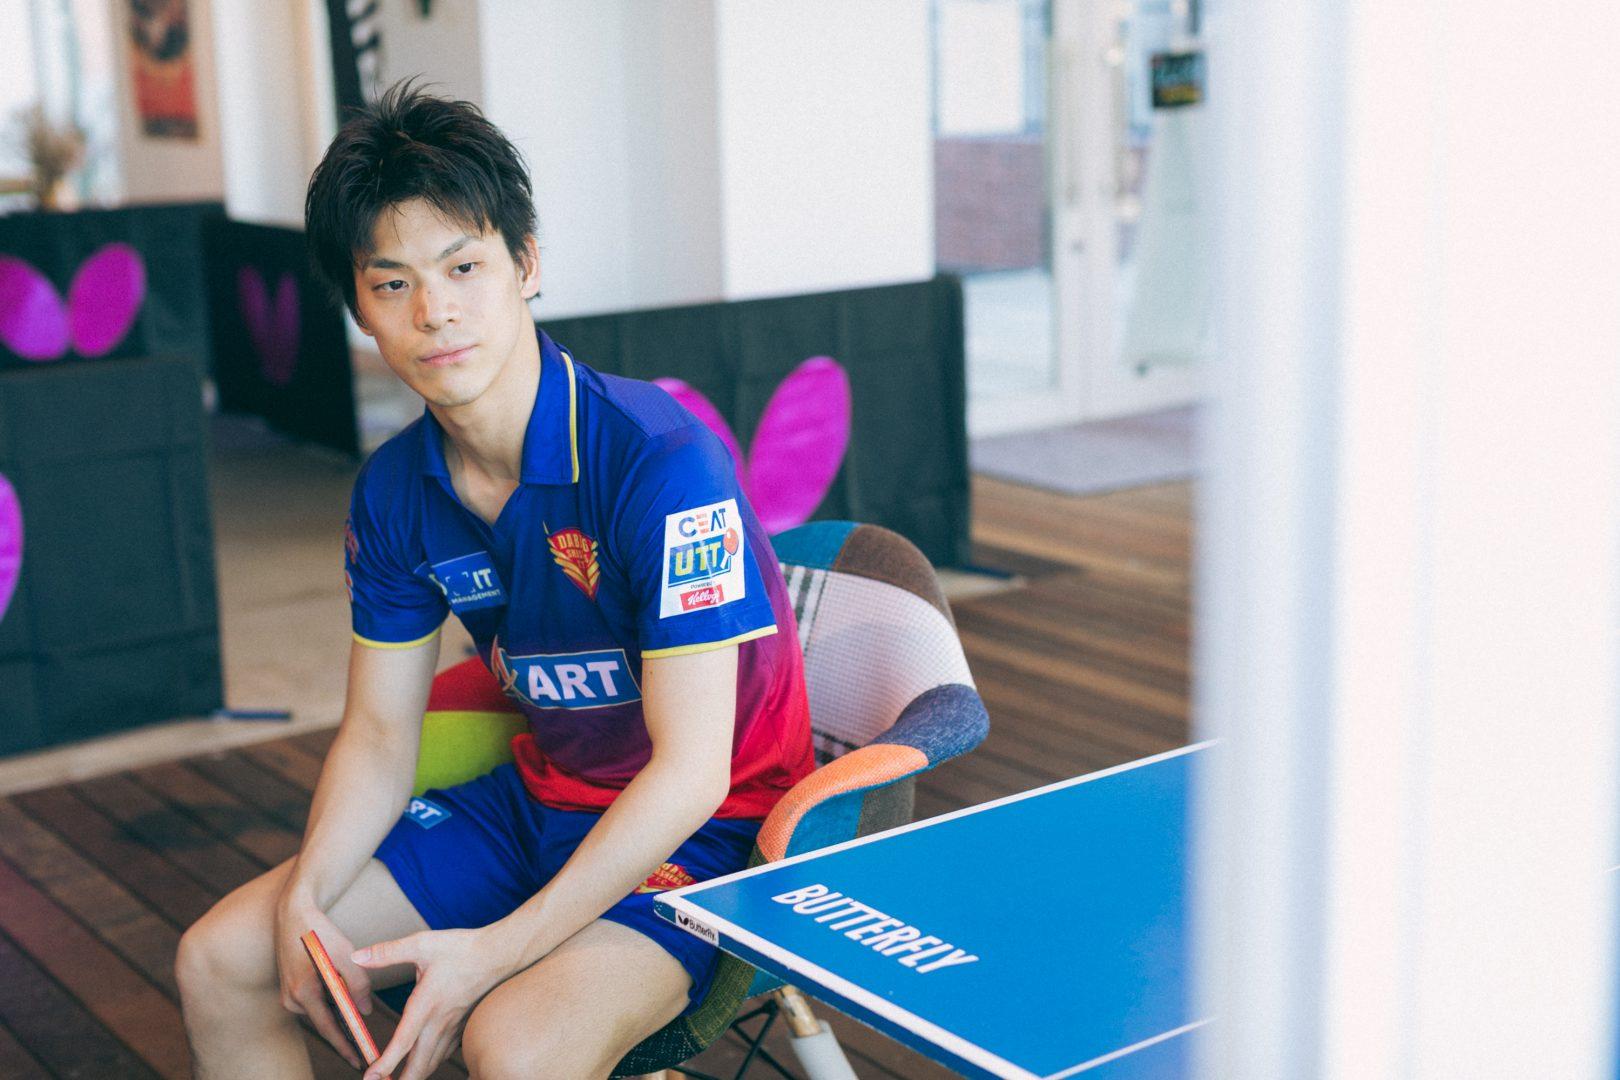 【吉田雅己#2】日本人初のインドリーグへ 優勝・MVP獲得の裏側